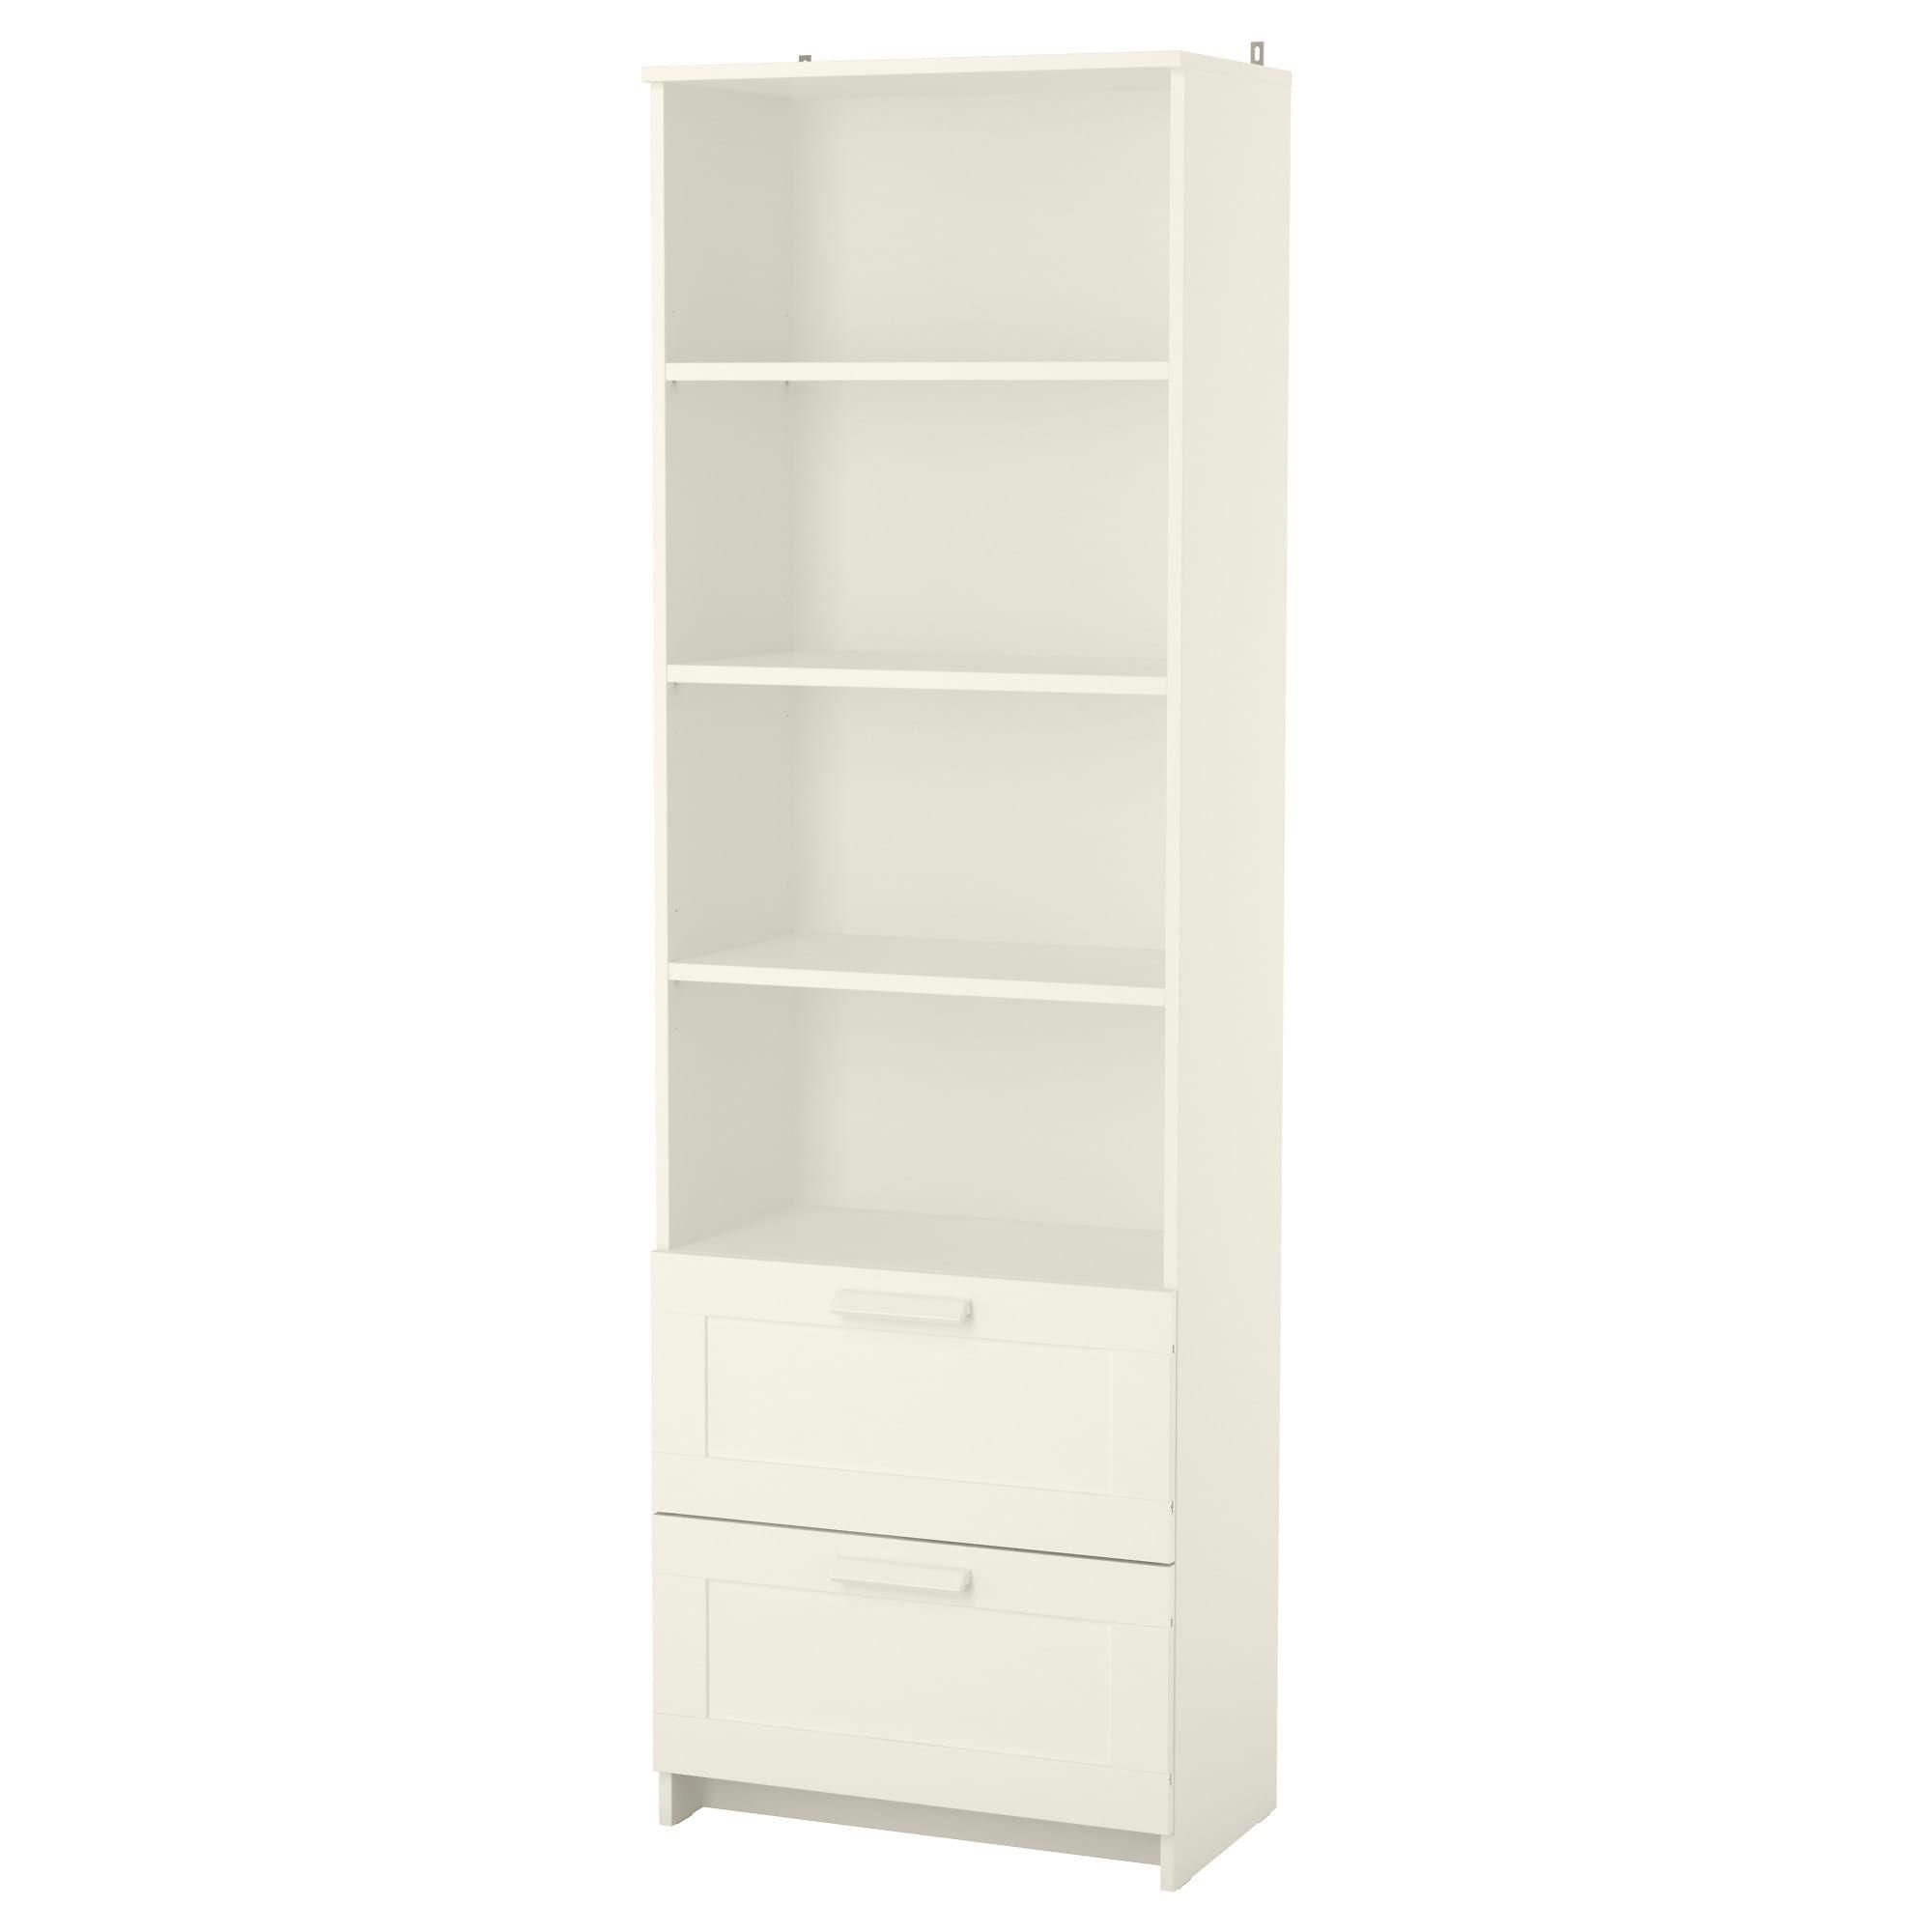 Brimnes Bookcase White 23 5 8x74 3 4 Ikea Bookcase White